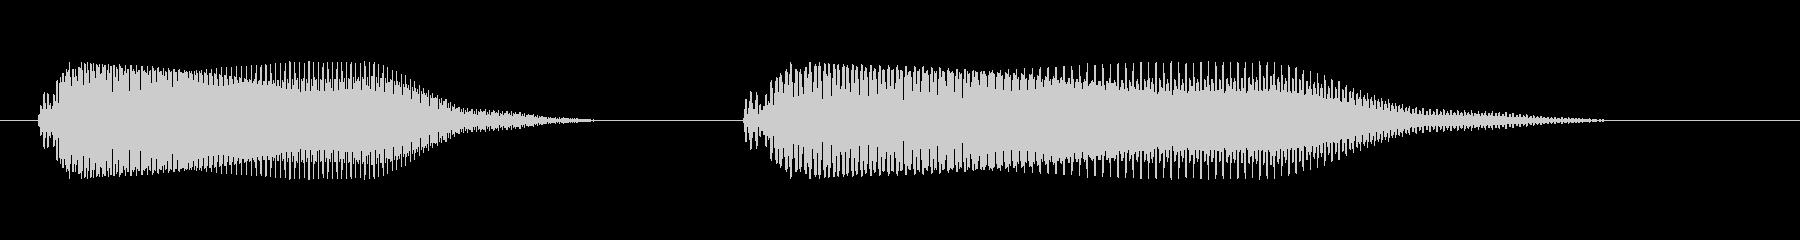 ポ・プェ・ポ・プェ(下り)の未再生の波形